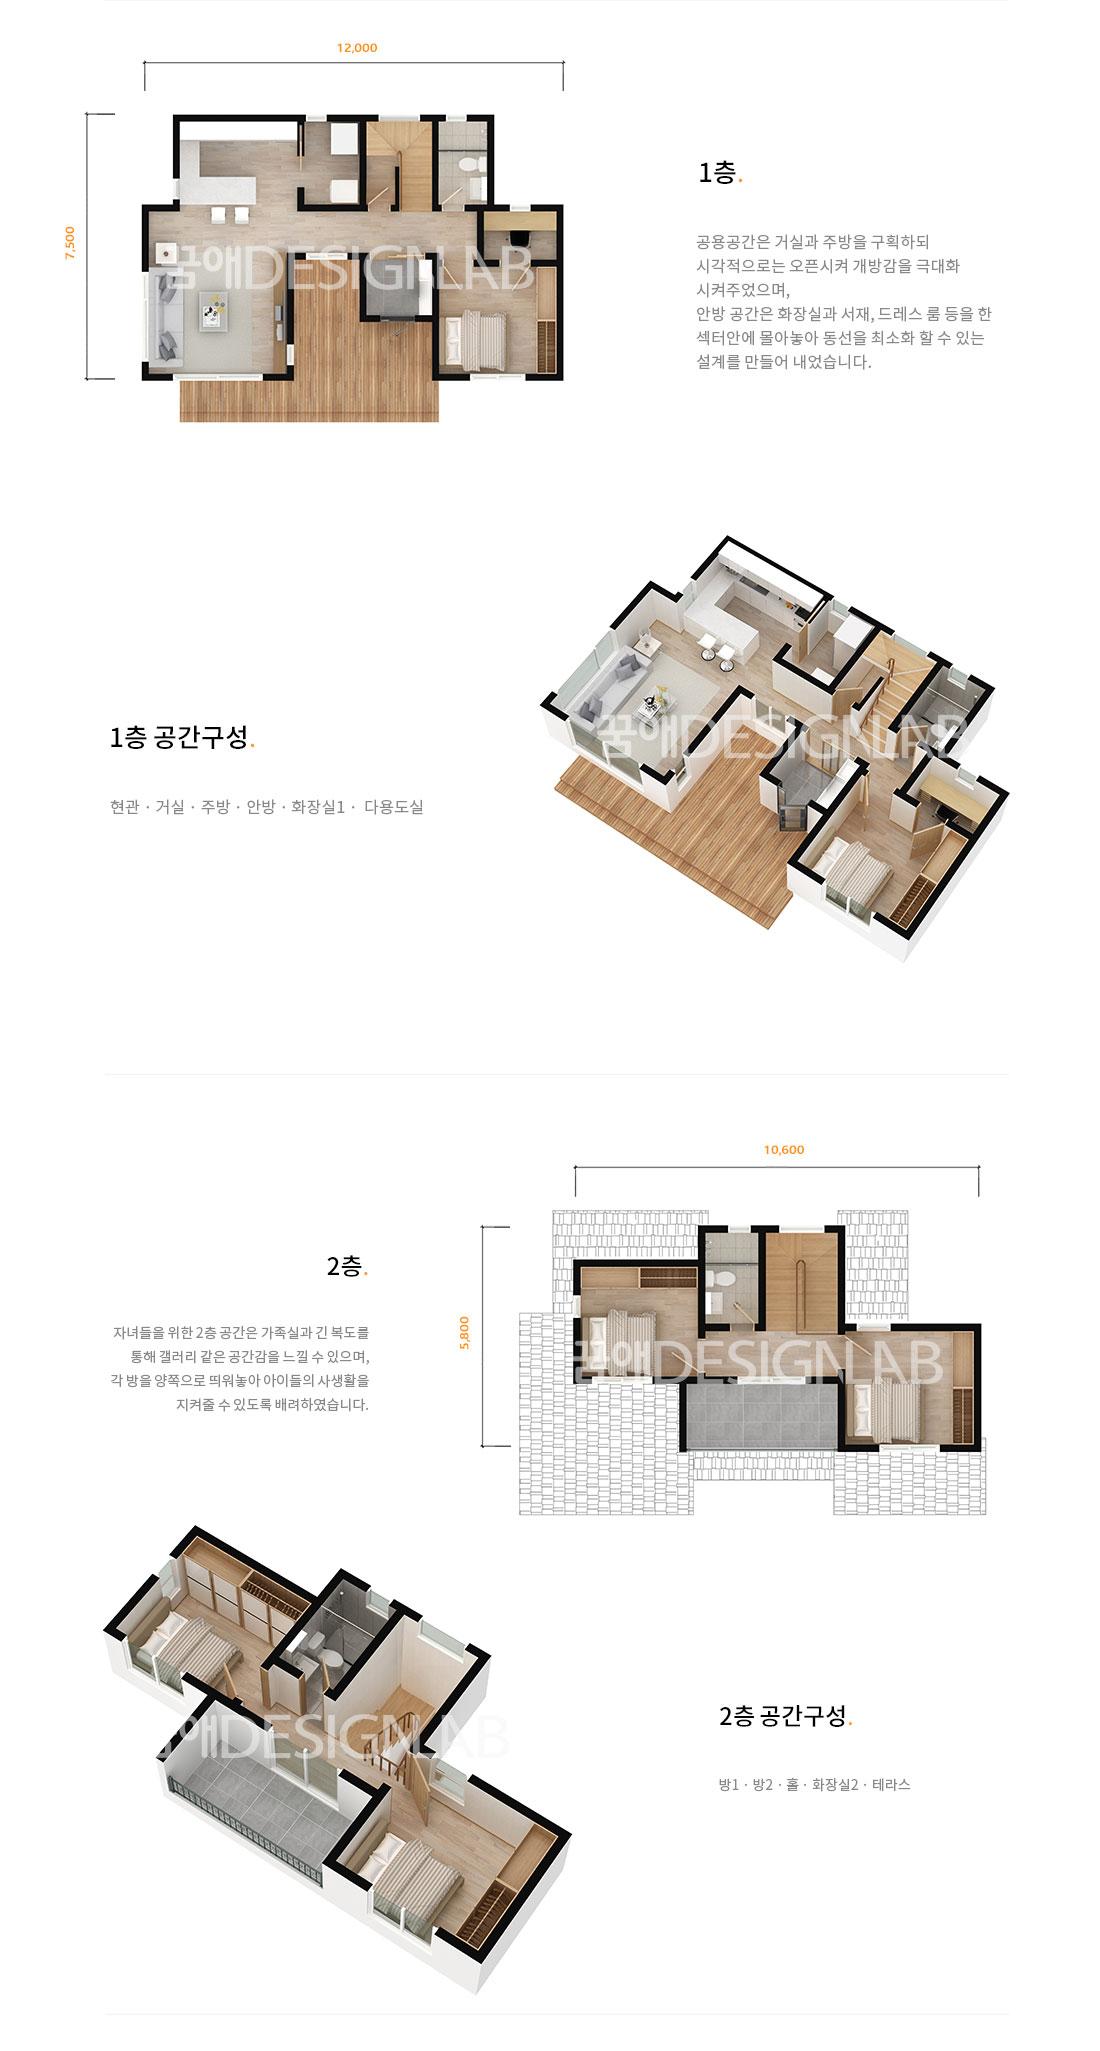 house010_170331_02.jpg